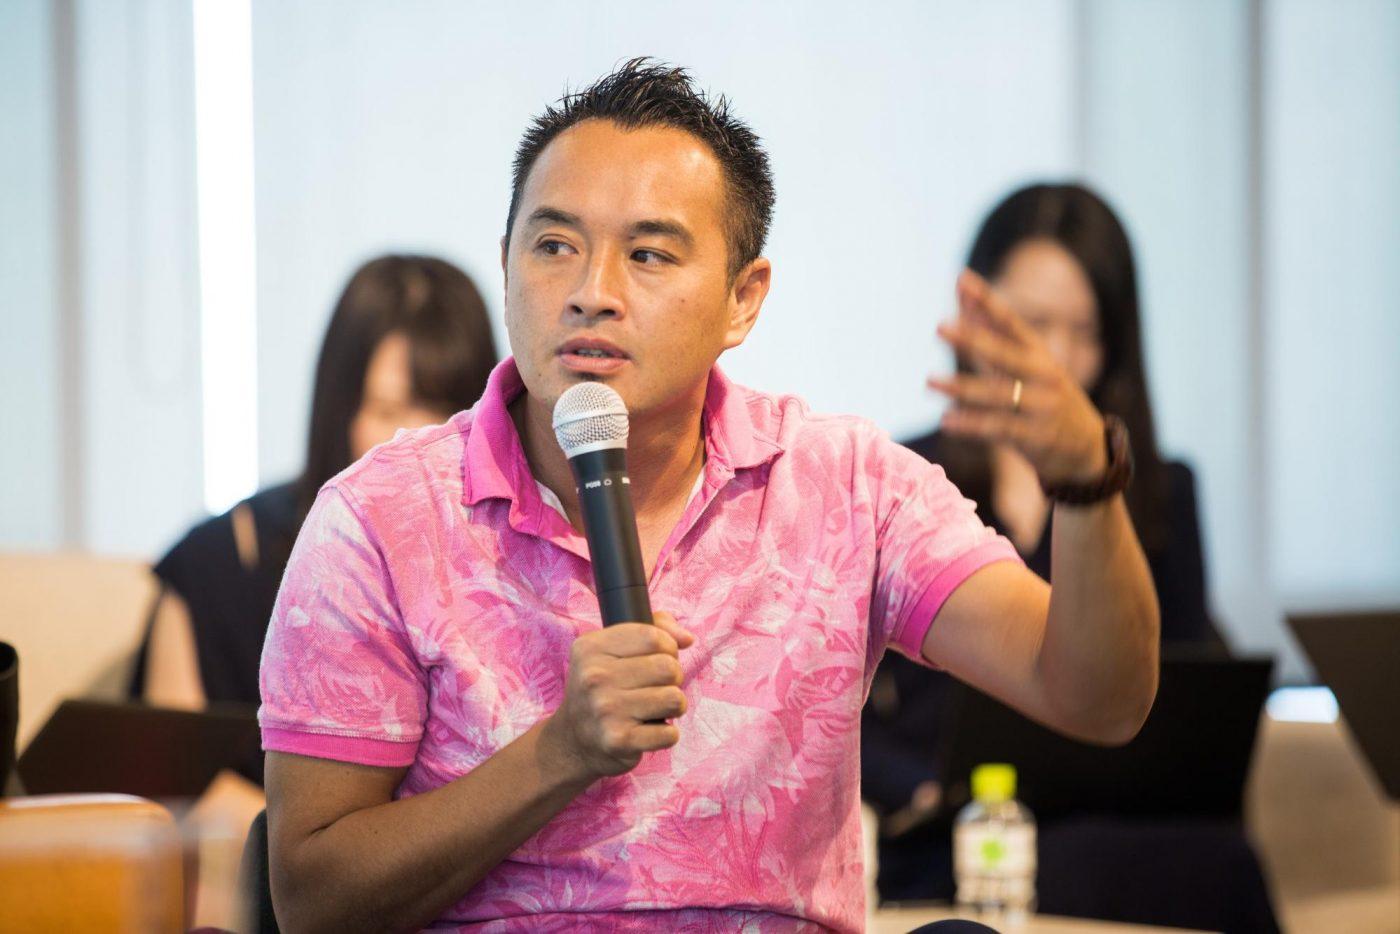 ■今野穣(いまの・みのる) 東京大学法学部卒。経営コンサルティング会社(アーサーアンダーセン、現PwC)にて、プロジェクトマネジャーを歴任し、2006年7月グロービス・キャピタル・パートナーズ入社。2012年7月同社パートナー就任。2013年1月同社パートナーおよび最高執行責任者(COO)就任。2019年1月同社代表パートナー就任、現在に至る。